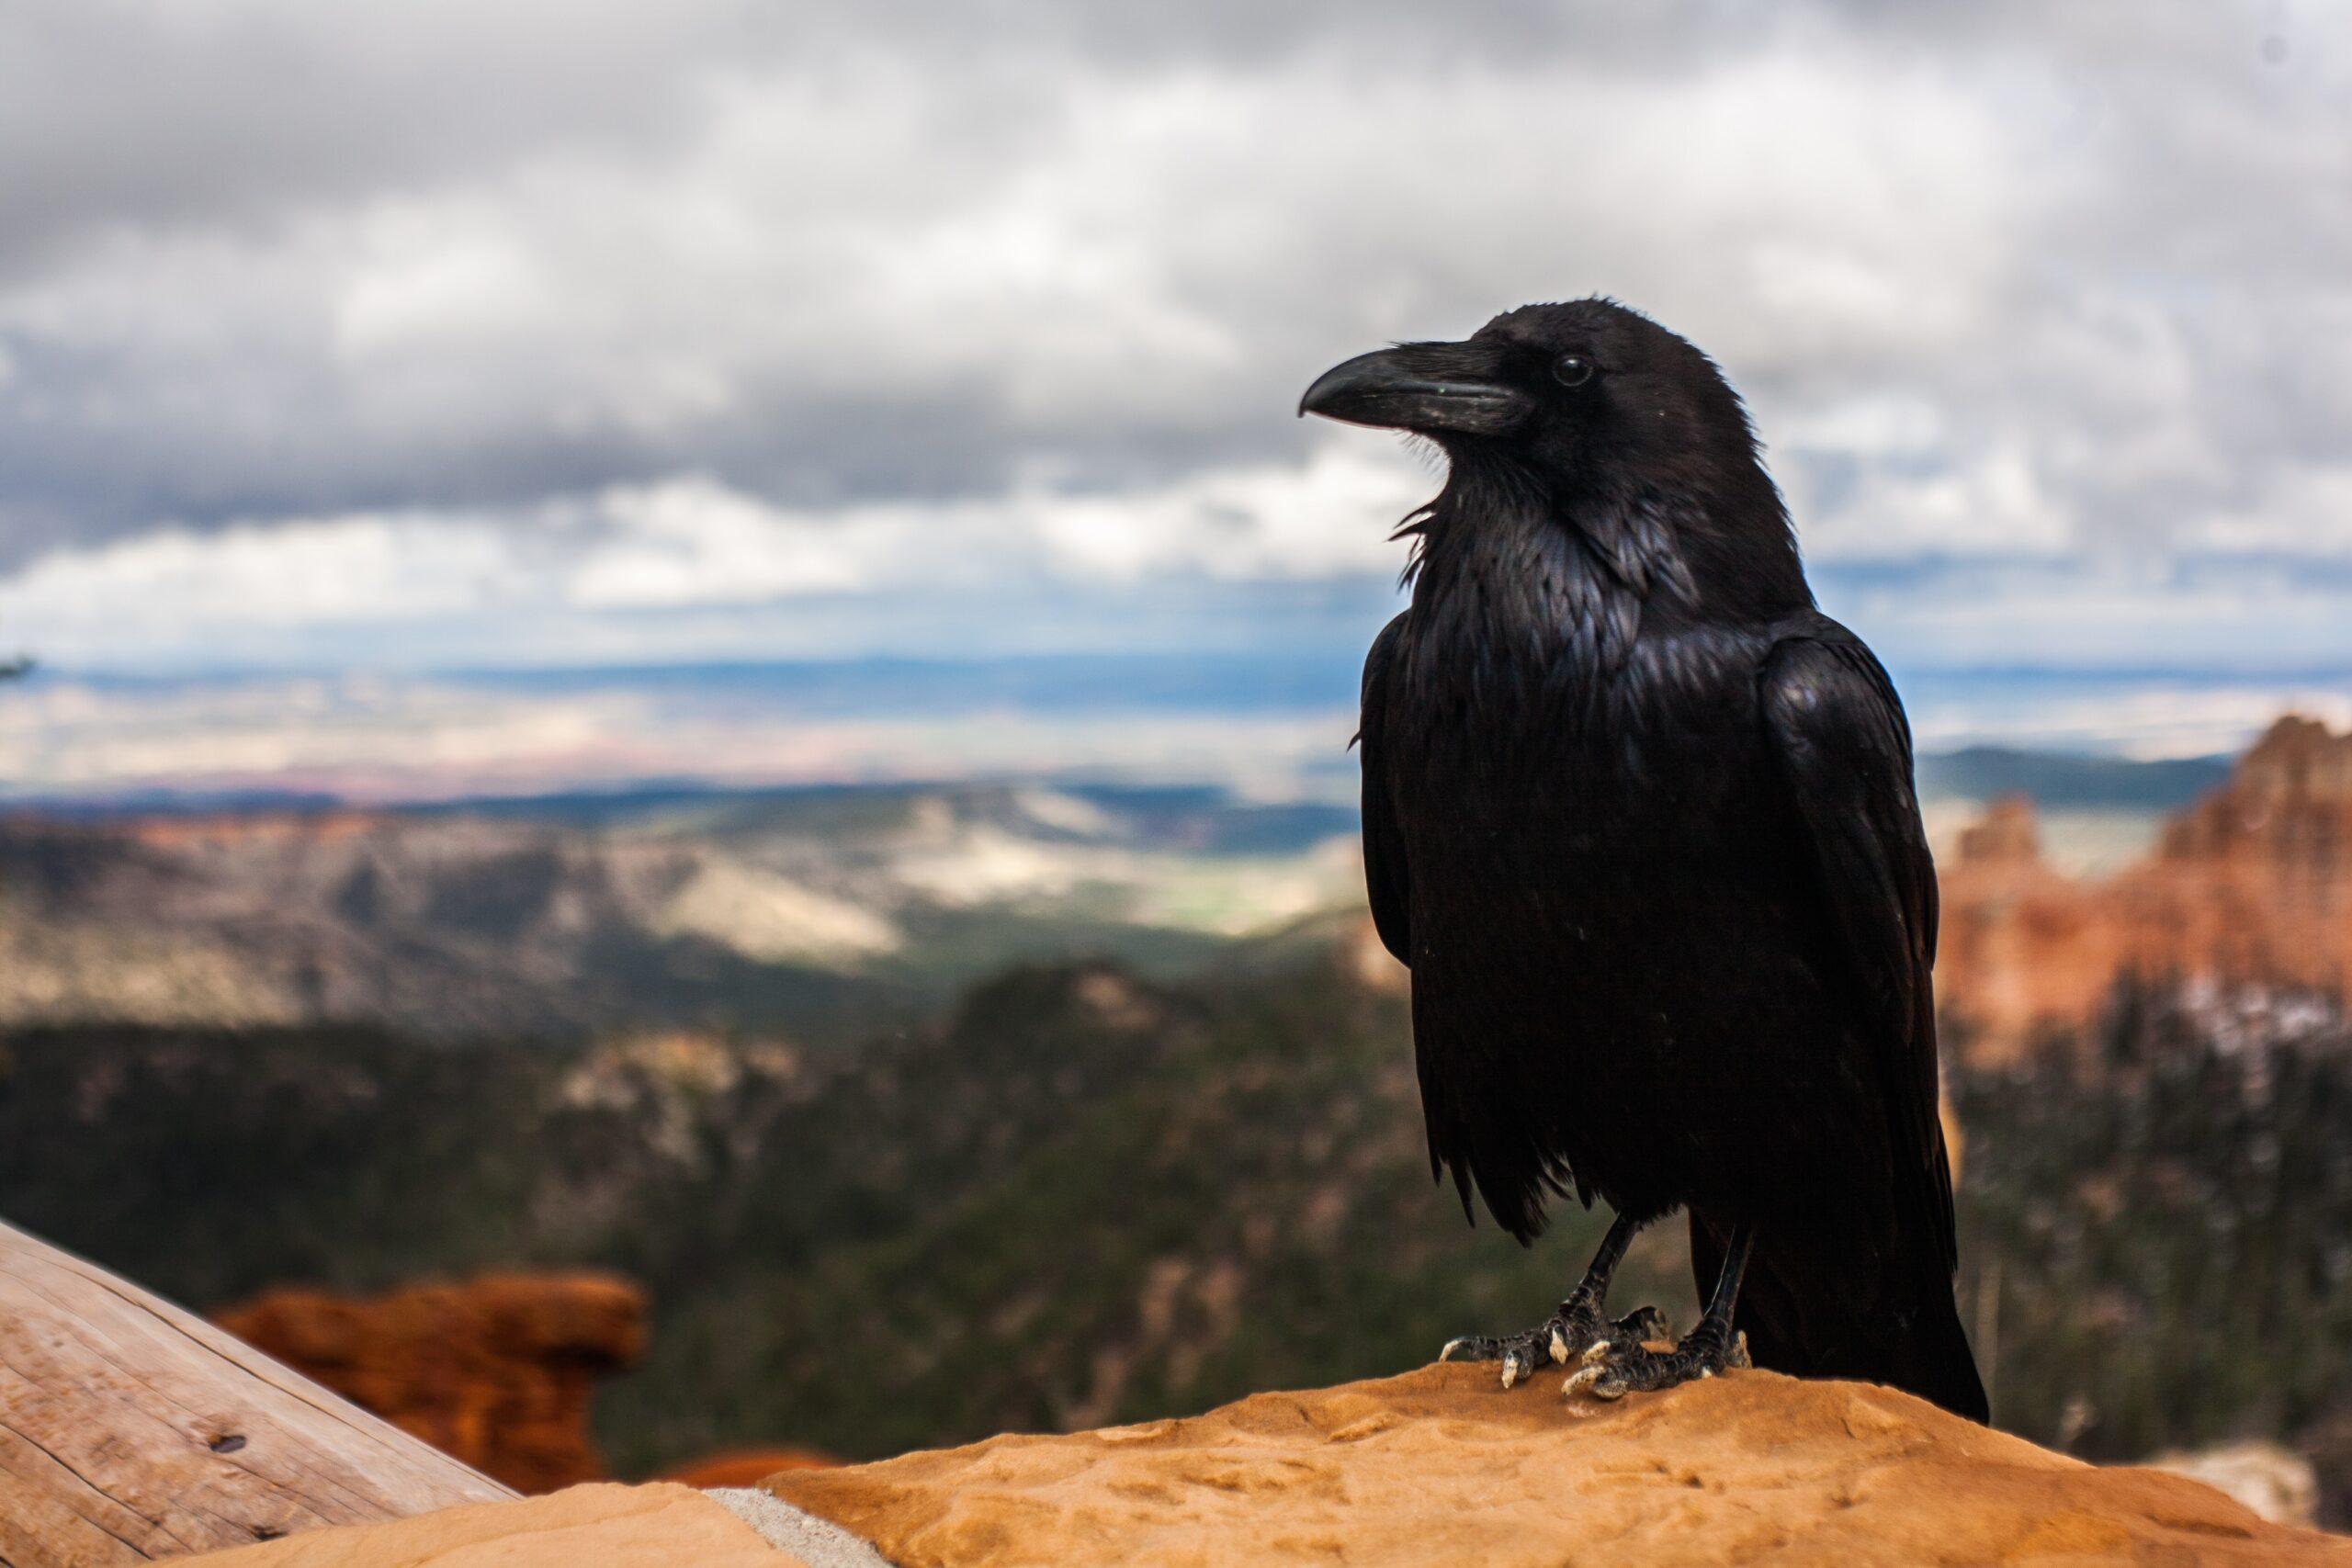 tyler-quiring-Raven-unsplas